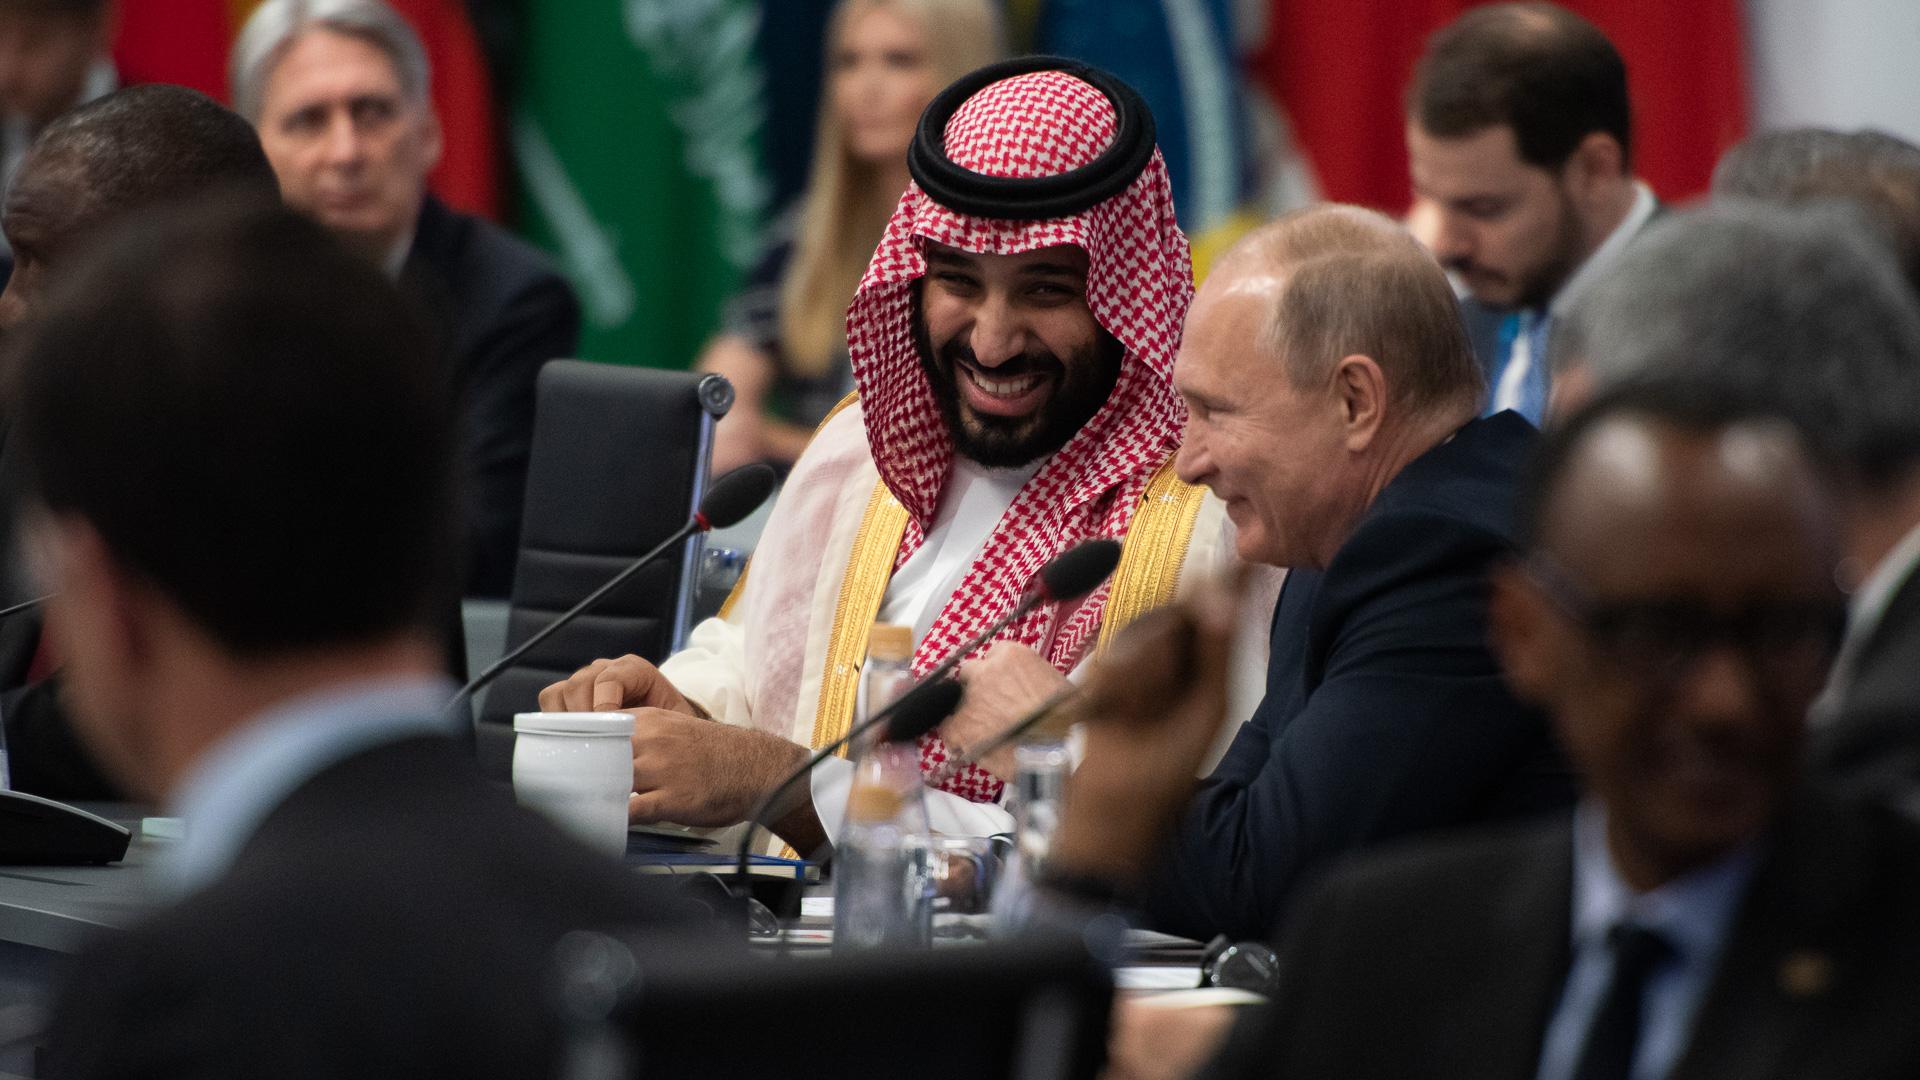 Risas entre el príncipe saudita Bin Salman y el presidente de Rusia, Vladimir Putin